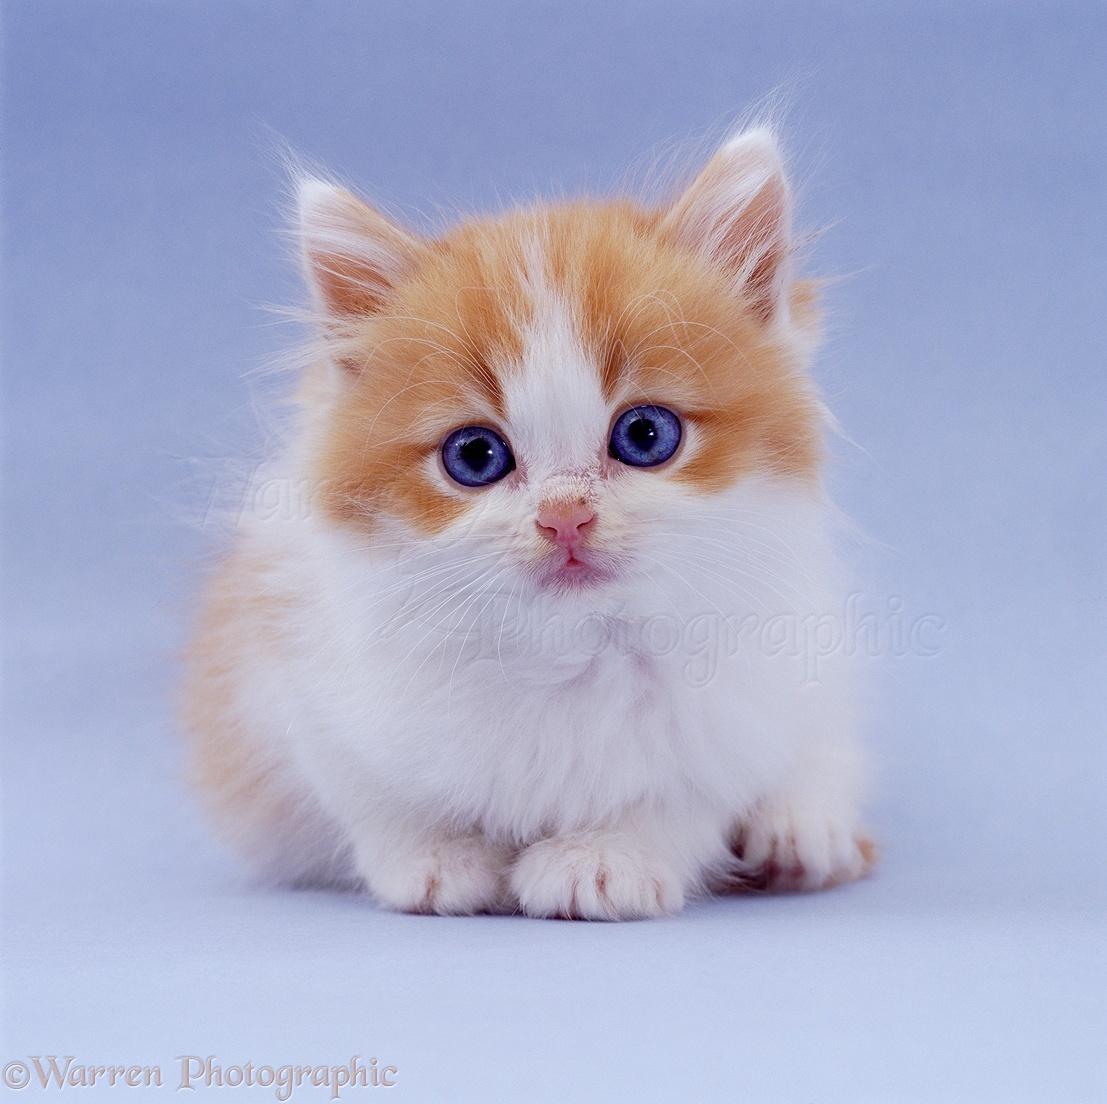 02399-Blue-eyed-ginger-and-white-kitten-on-blue-background.jpg